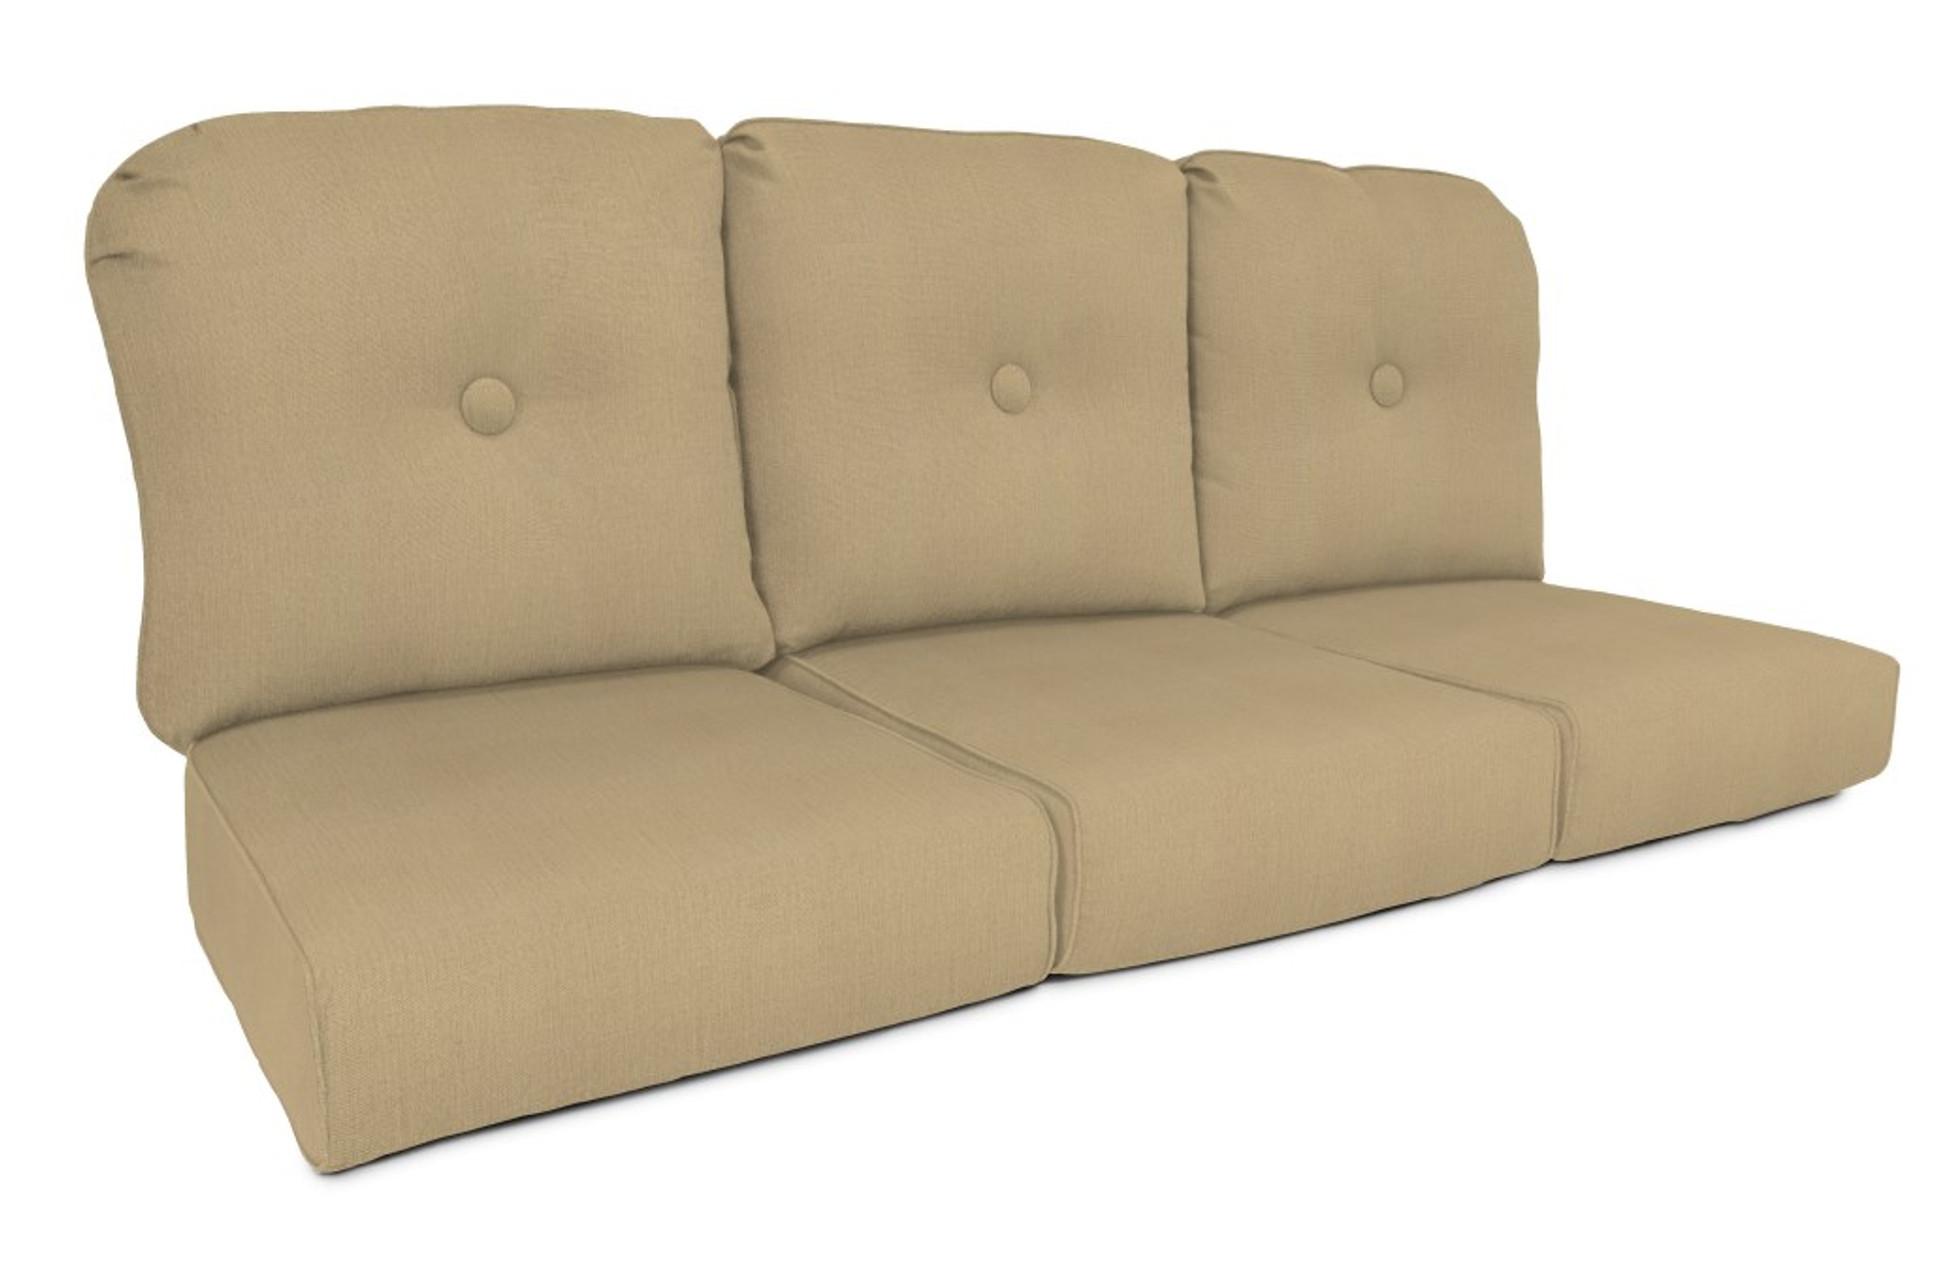 Erwin Sofa Cushion 6503 (Ship Time 4-6 Weeks)